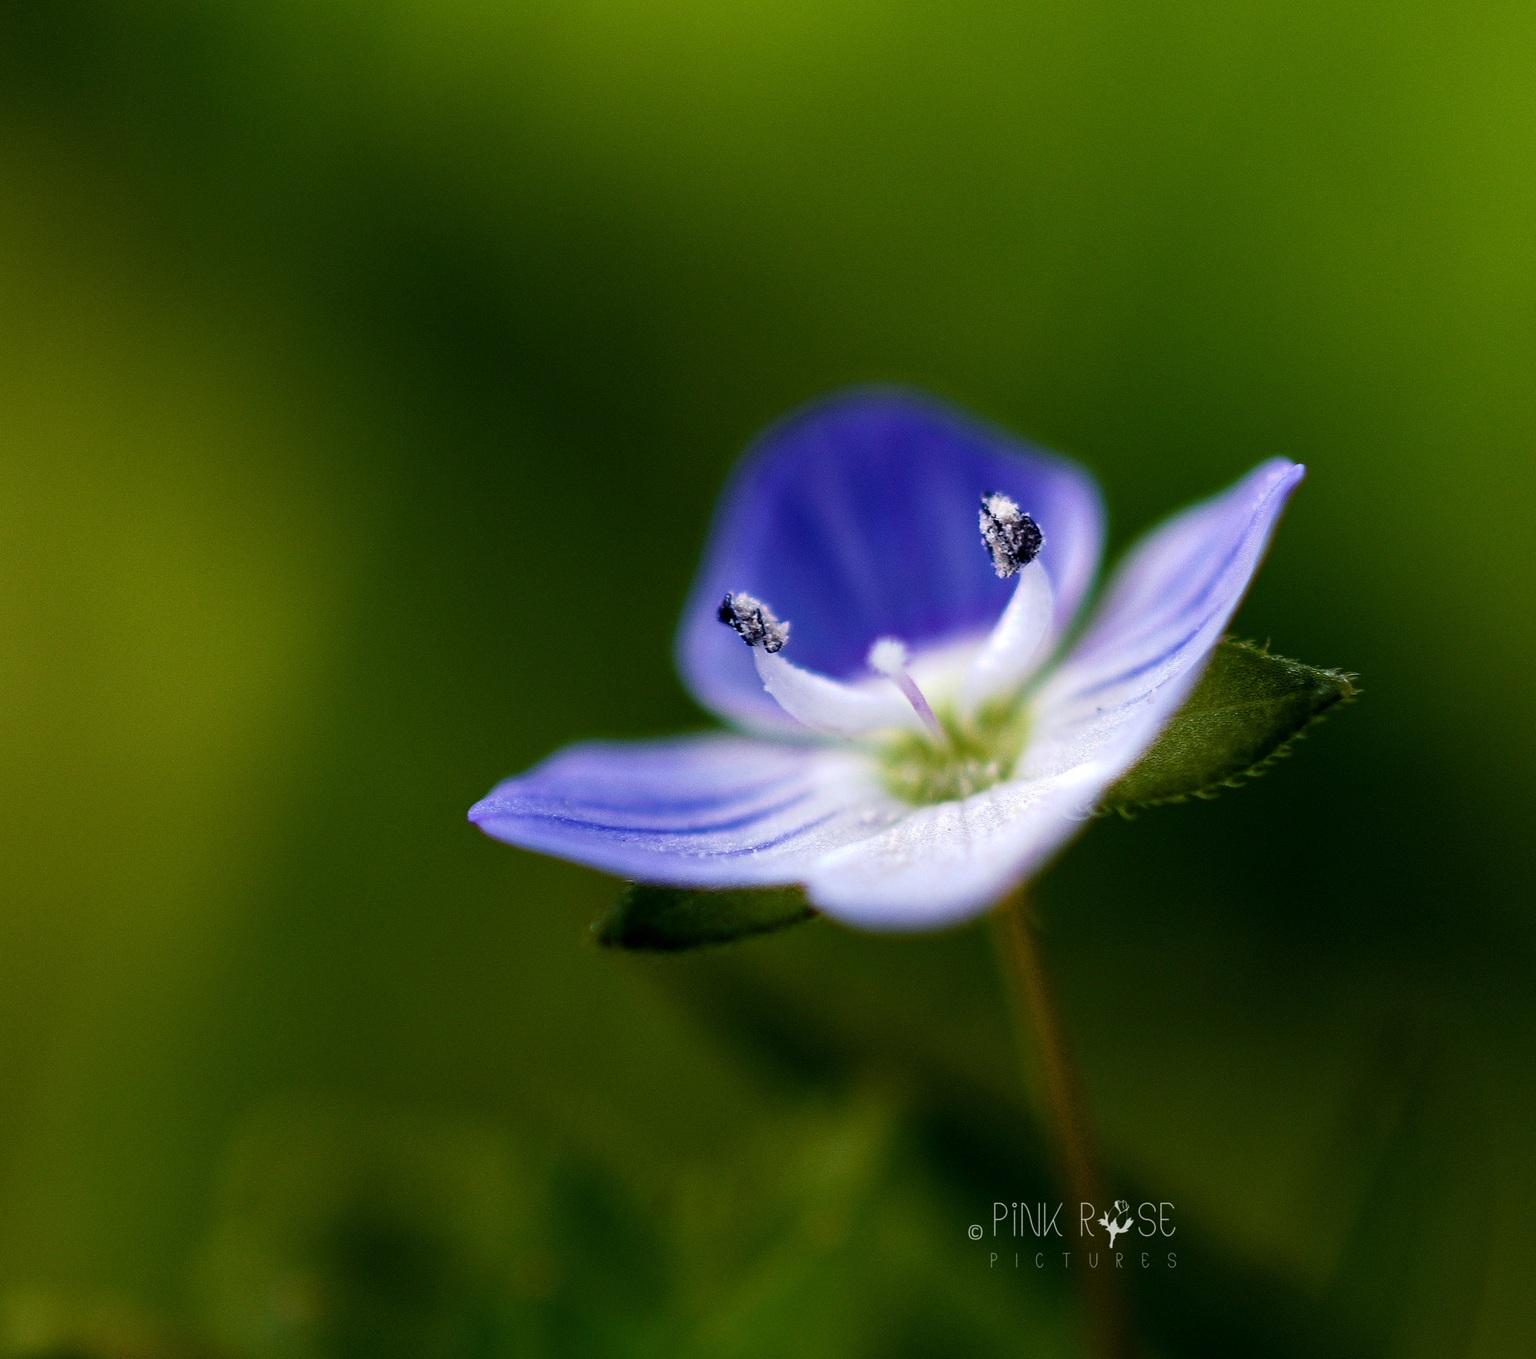 Engel - Dank voor de reacties bij de vorige upload.  Liefs Marieke  - foto door PinkRosePictures op 03-05-2021 - locatie: Eem, Nederland - deze foto bevat: macro, natuur, bloem, engel, vleugels, bloem, fabriek, bloemblaadje, terrestrische plant, kruidachtige plant, gras, bloeiende plant, pedicel, macrofotografie, elektrisch blauw